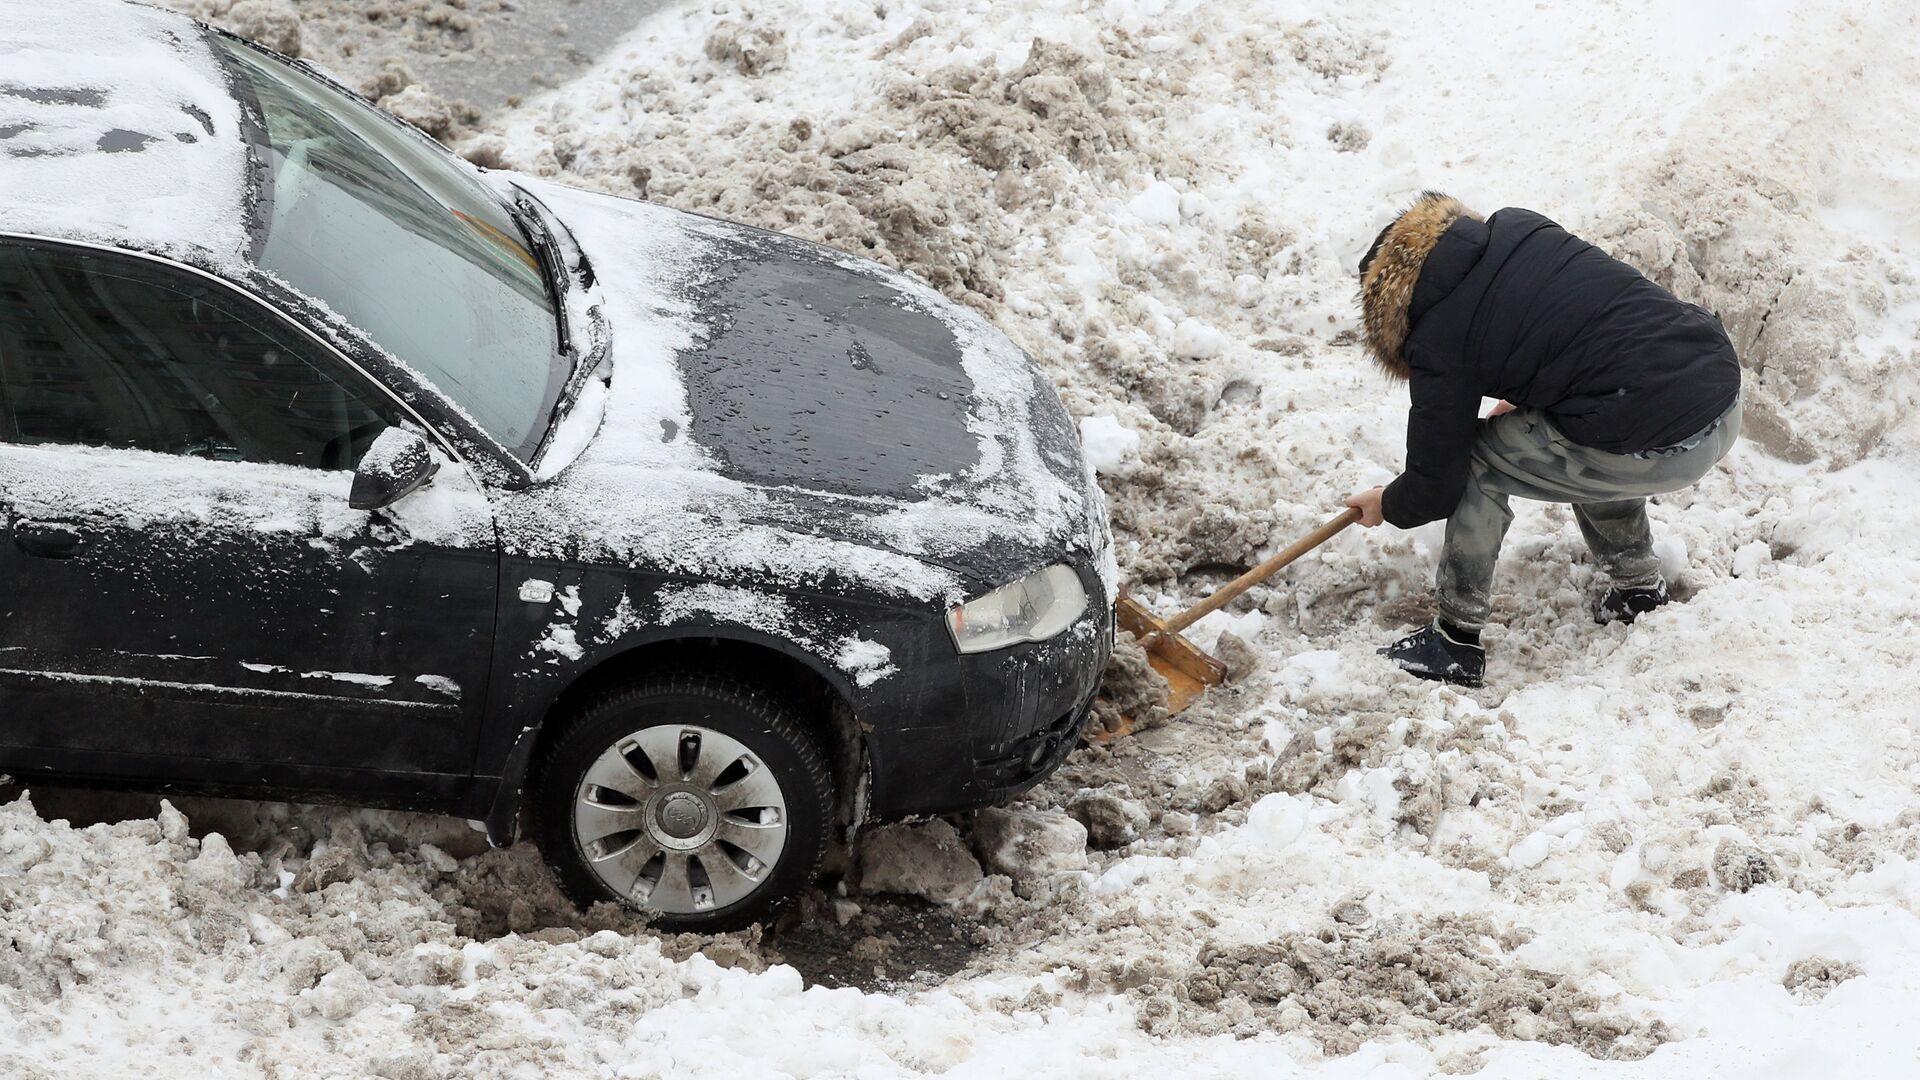 Водитель откапывает из снега свою машину после снегопада - РИА Новости, 1920, 17.01.2021